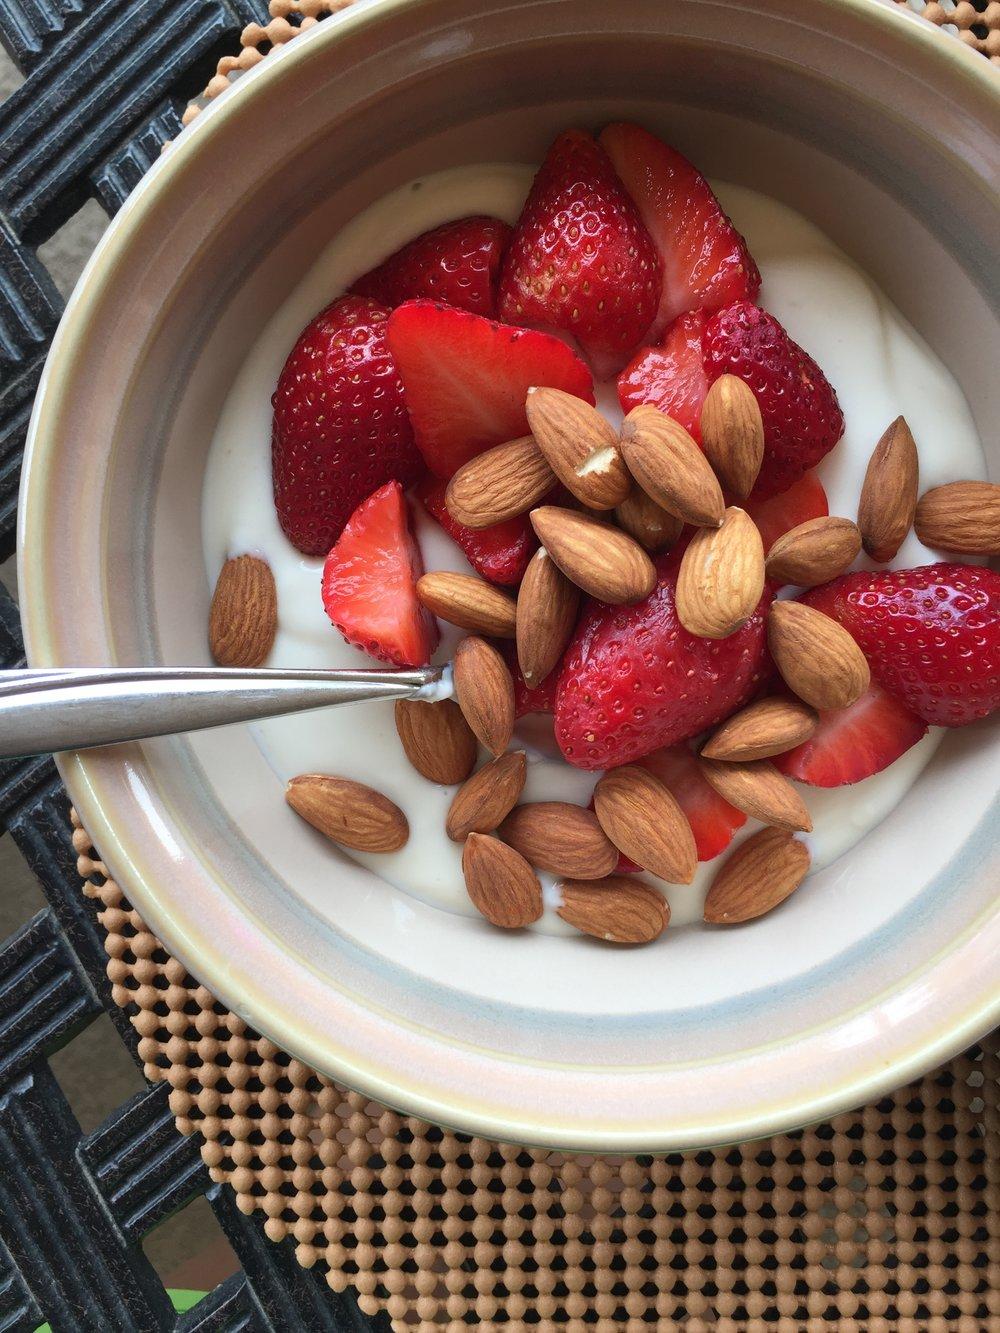 yogurt and strawbs.JPG